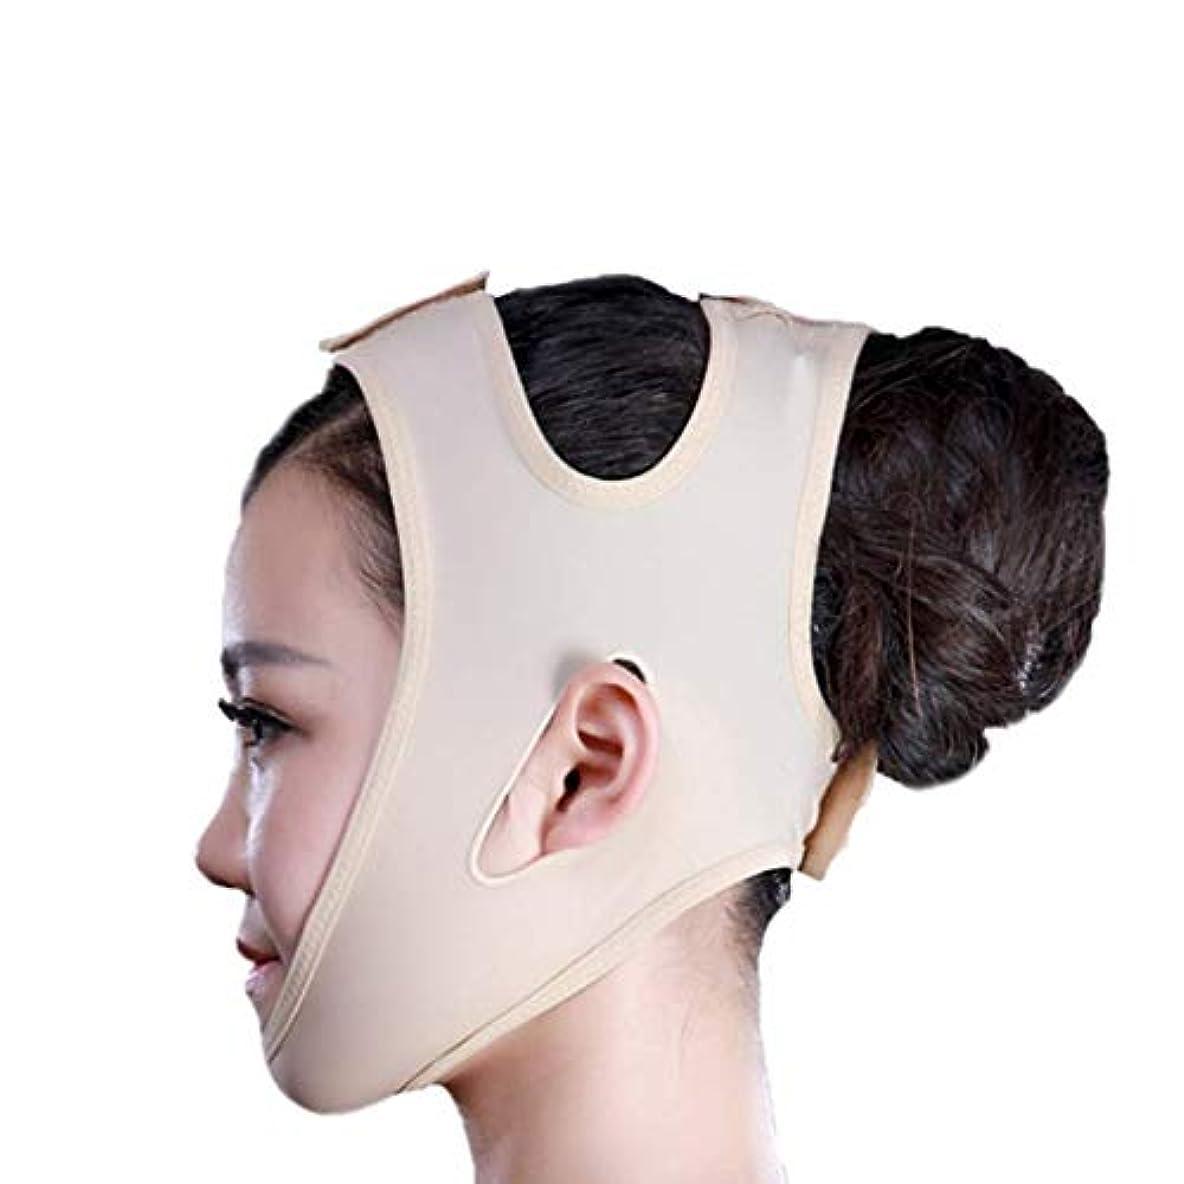 ケニア噴出するスマートフェイススリミングマスク、快適さと通気性、フェイシャルリフティング、輪郭の改善された硬さ、ファーミングとリフティングフェイス(カラー:ブラック、サイズ:XL),黄色がかったピンク、M